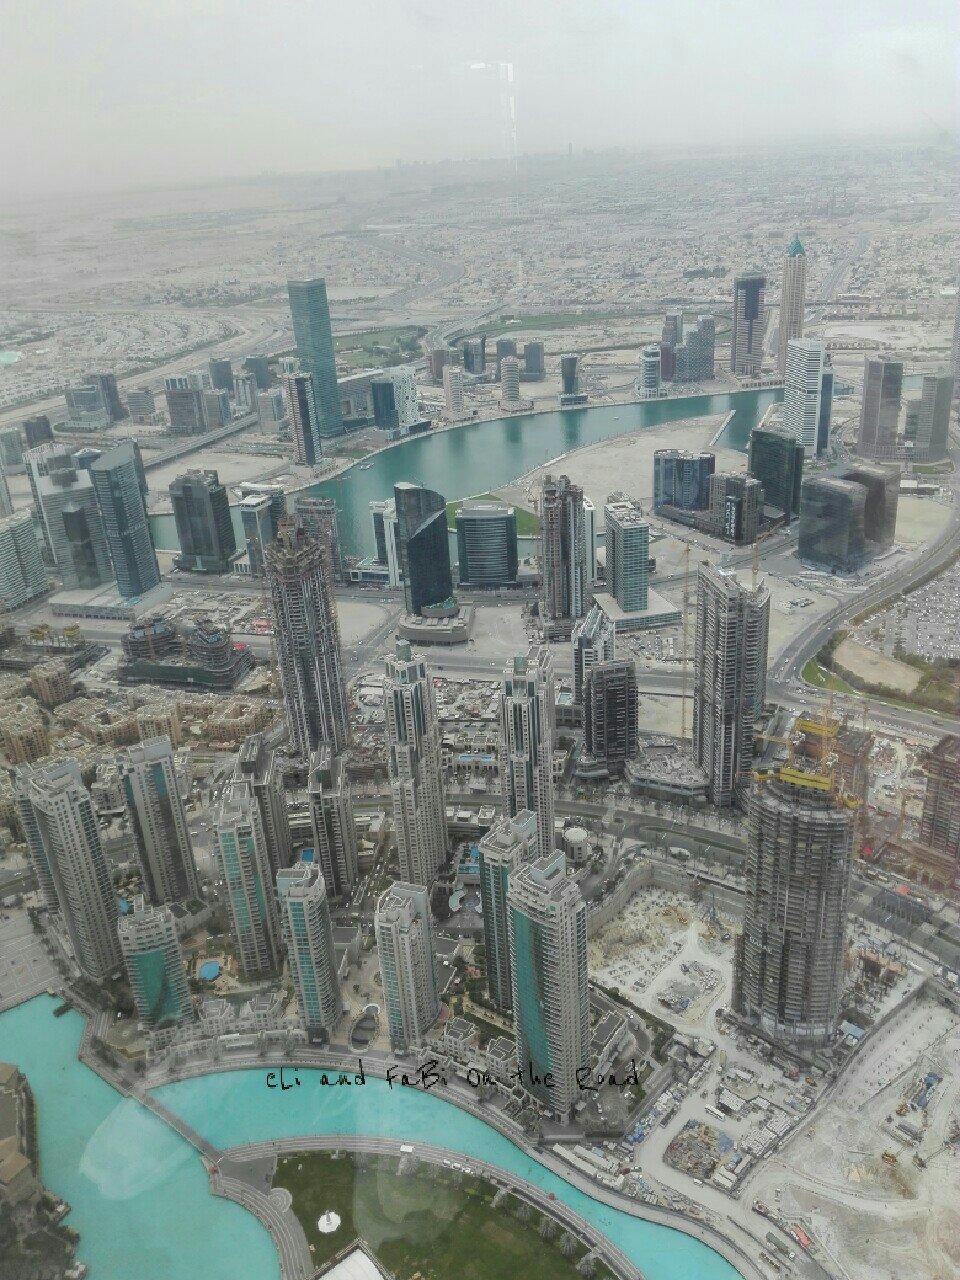 Come organizzare un viaggio fai da te negli Emirati Arabi (con i bambini)